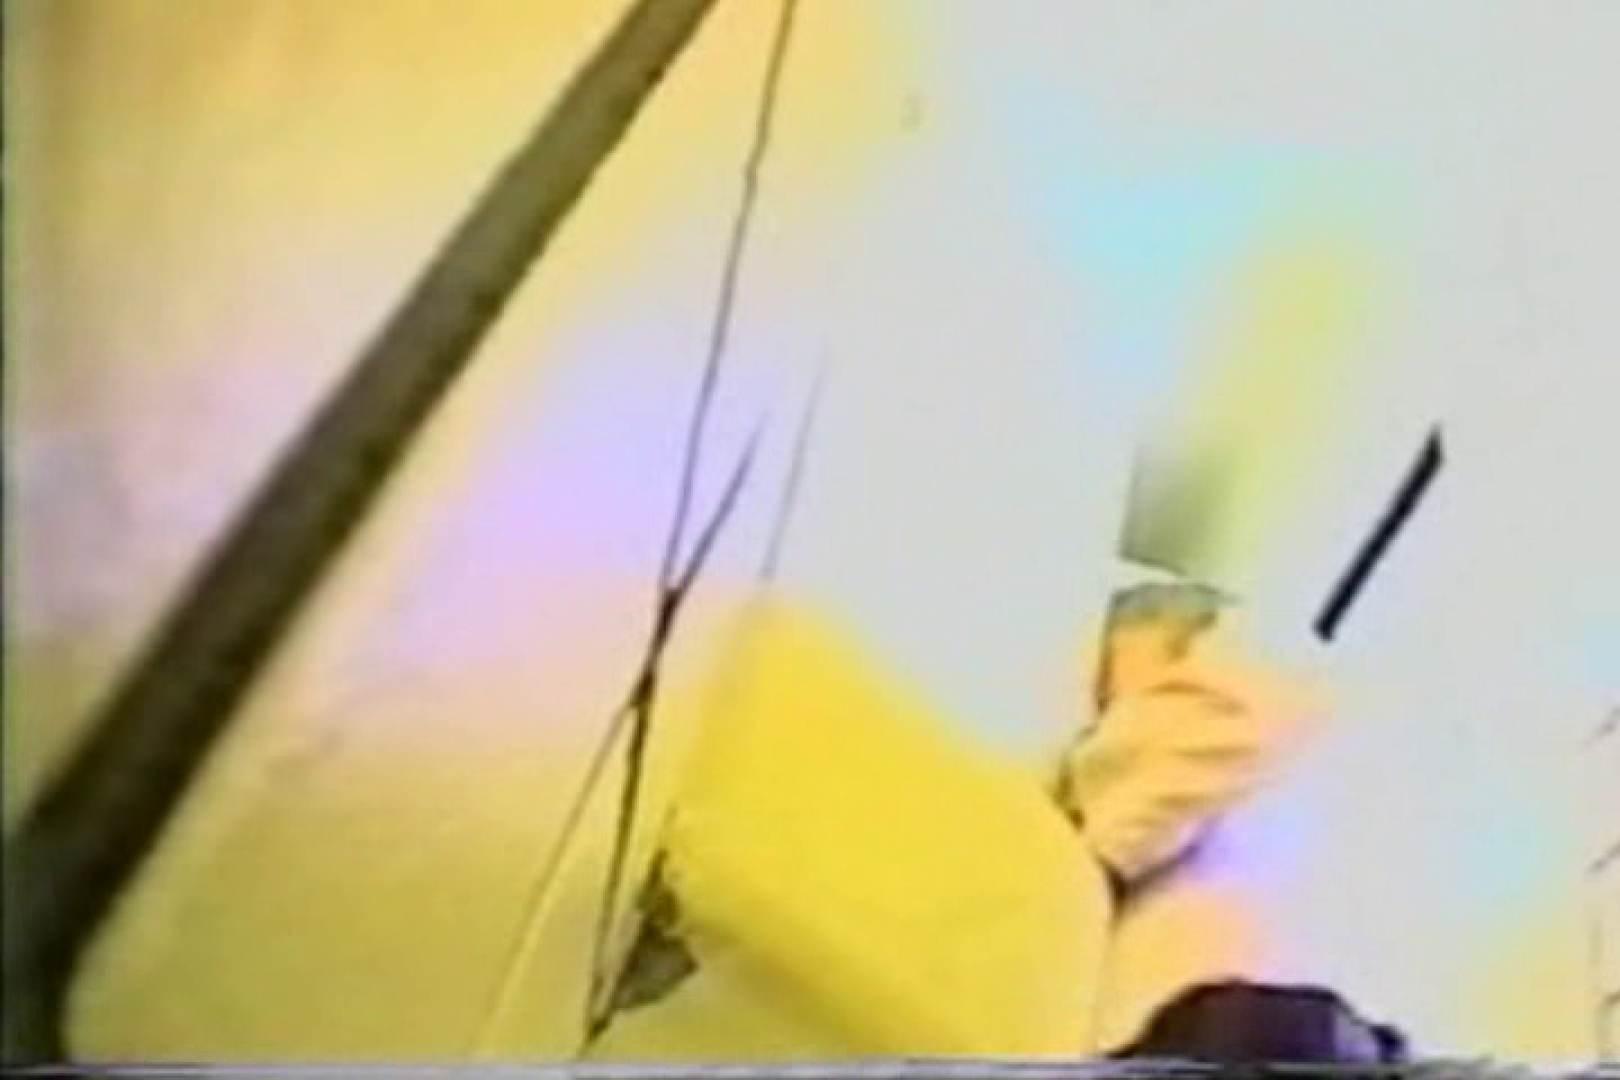 洋式洗面所オリジナルVol.2 洗面所はめどり AV動画キャプチャ 64画像 51